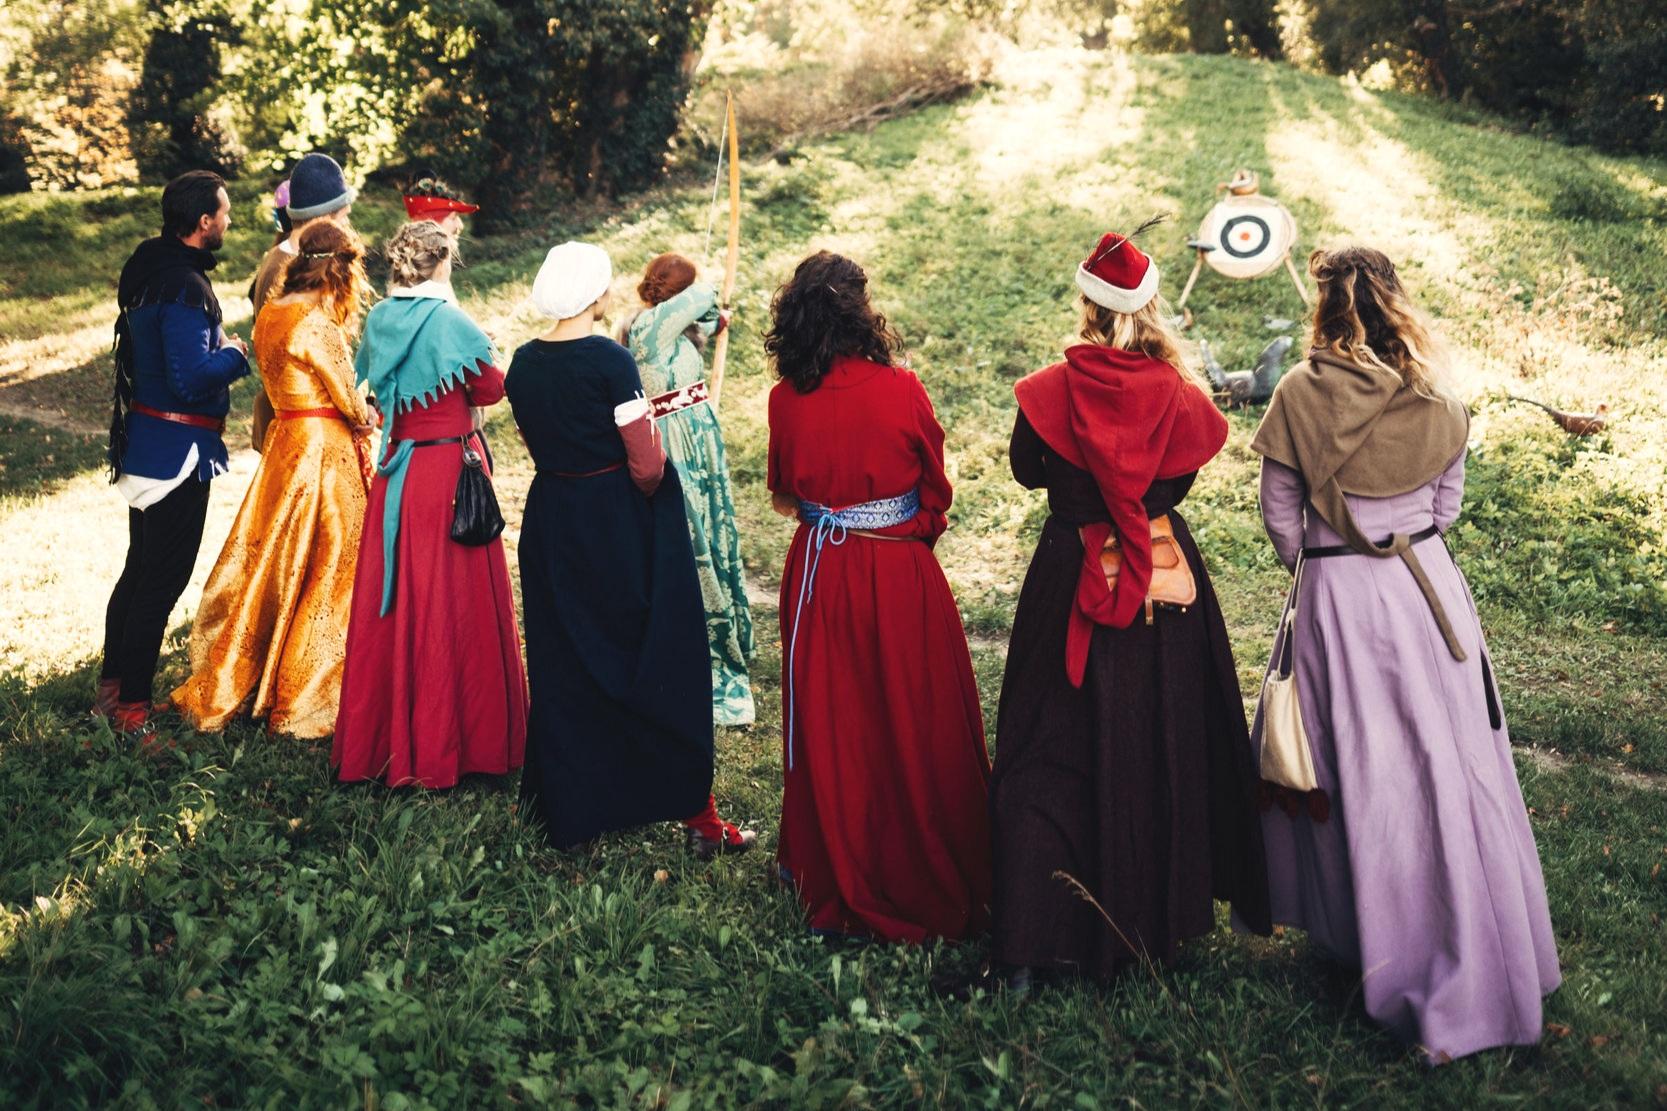 Módna prehliadka - Zažite s nami veľkolepú prehliadku prekrásnych dobových kostýmov, z rôznych časových období. Vtipne poňatá prehliadka vám predstaví sedliacke oblečenie, šľachtické a meštiacke odevy, prepychové róby kráľov a princezien. Zavedieme vás do sveta poľovníckej módy a chýbať nebude ani pikantná prehliadka spodného prádla. A to nielen ženského!Zabavte sa a poučte sa s nami. Pán Gucci by bol na nás pyšný.